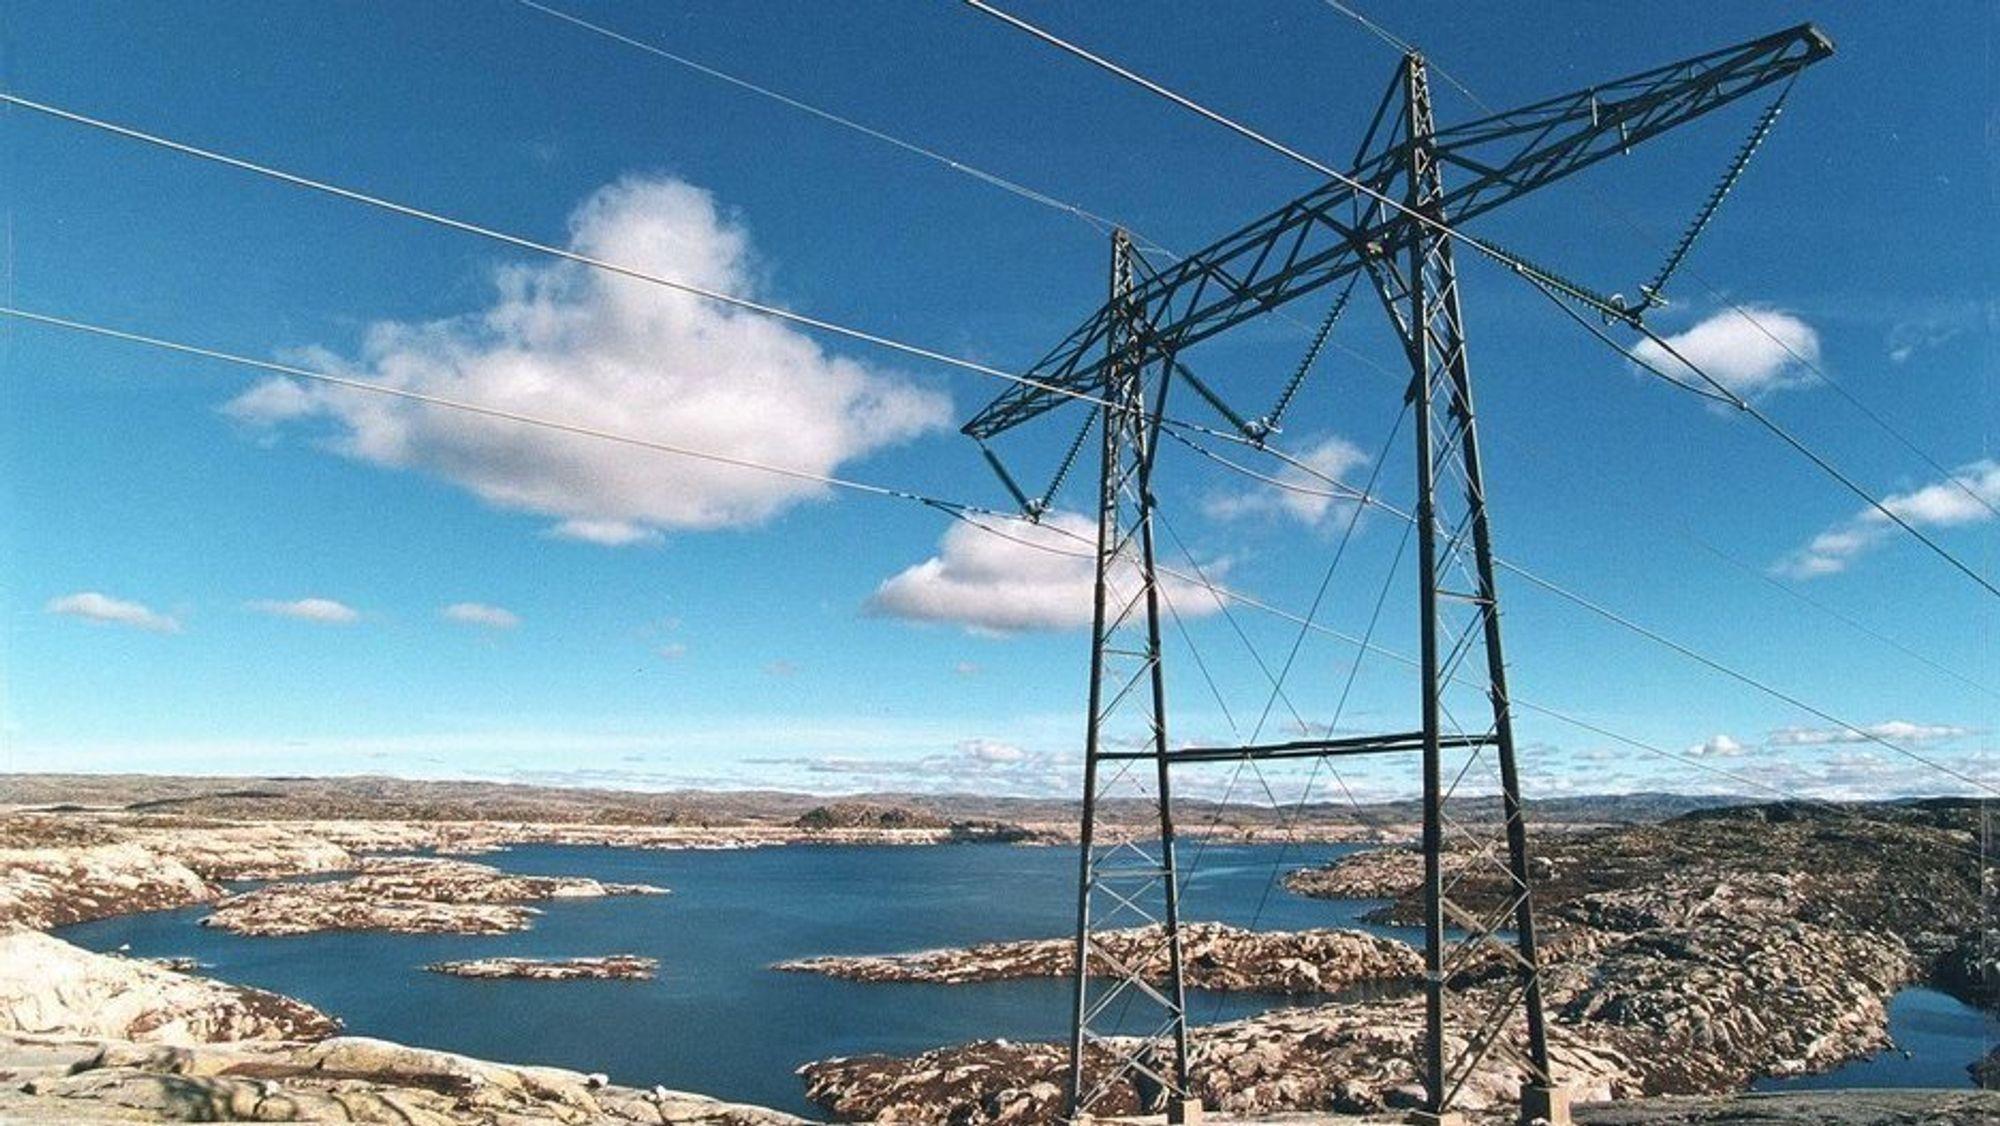 Christian Rynning-Tønnesen forteller at Statkraft er i forhandlinger med flere utenlandske selskaper om å etablere seg i Norge